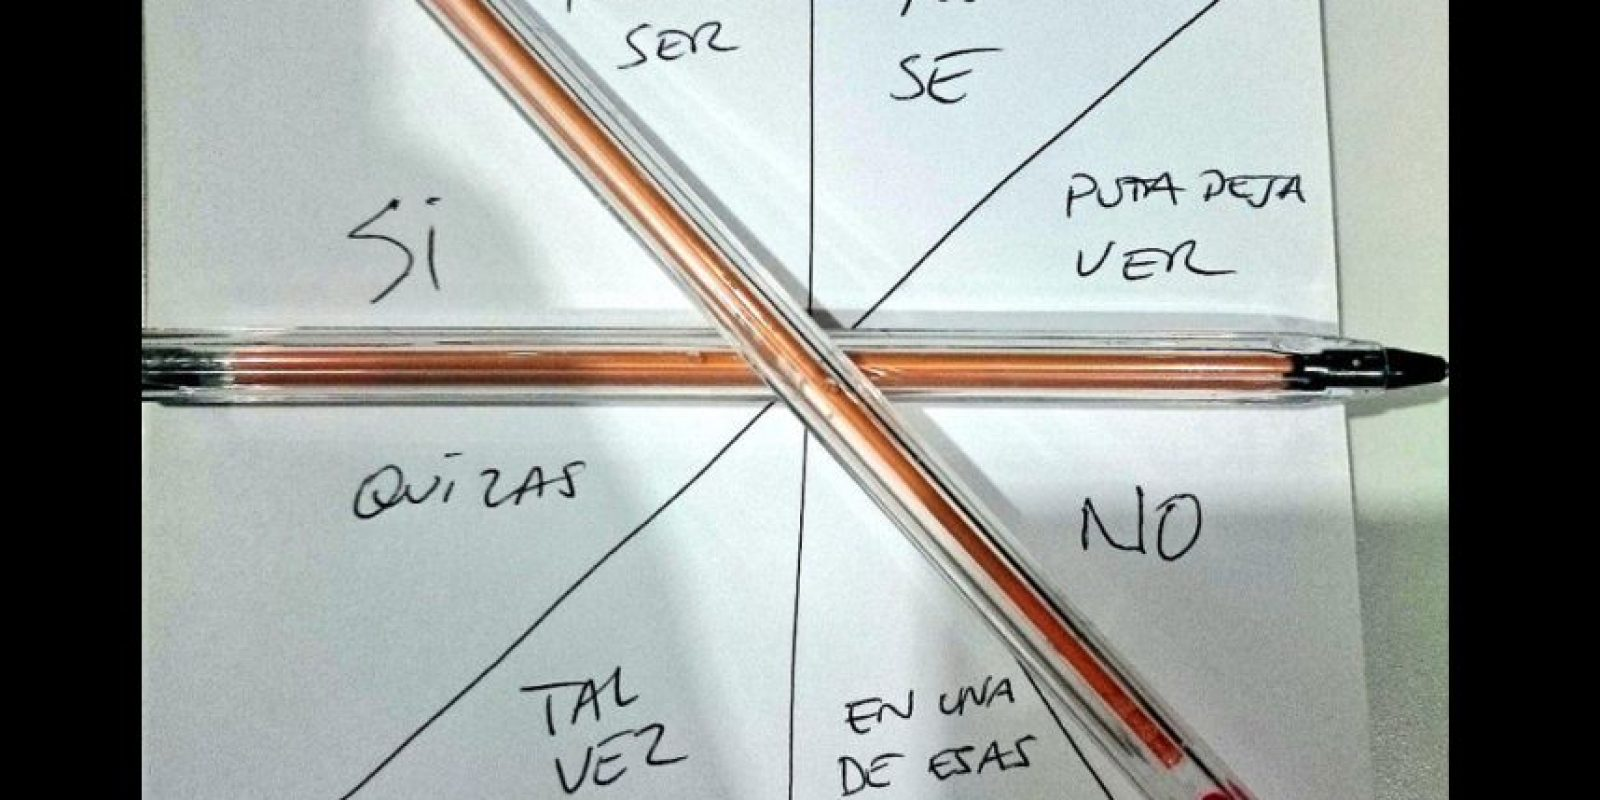 """Este nuevo juego """"espiritista"""" es la reinvención de la tabla Ouija casera que invocaba otro espíritu. No tiene origen mexicano sino que viene del imaginario estadounidense. Foto:vía Twitter"""